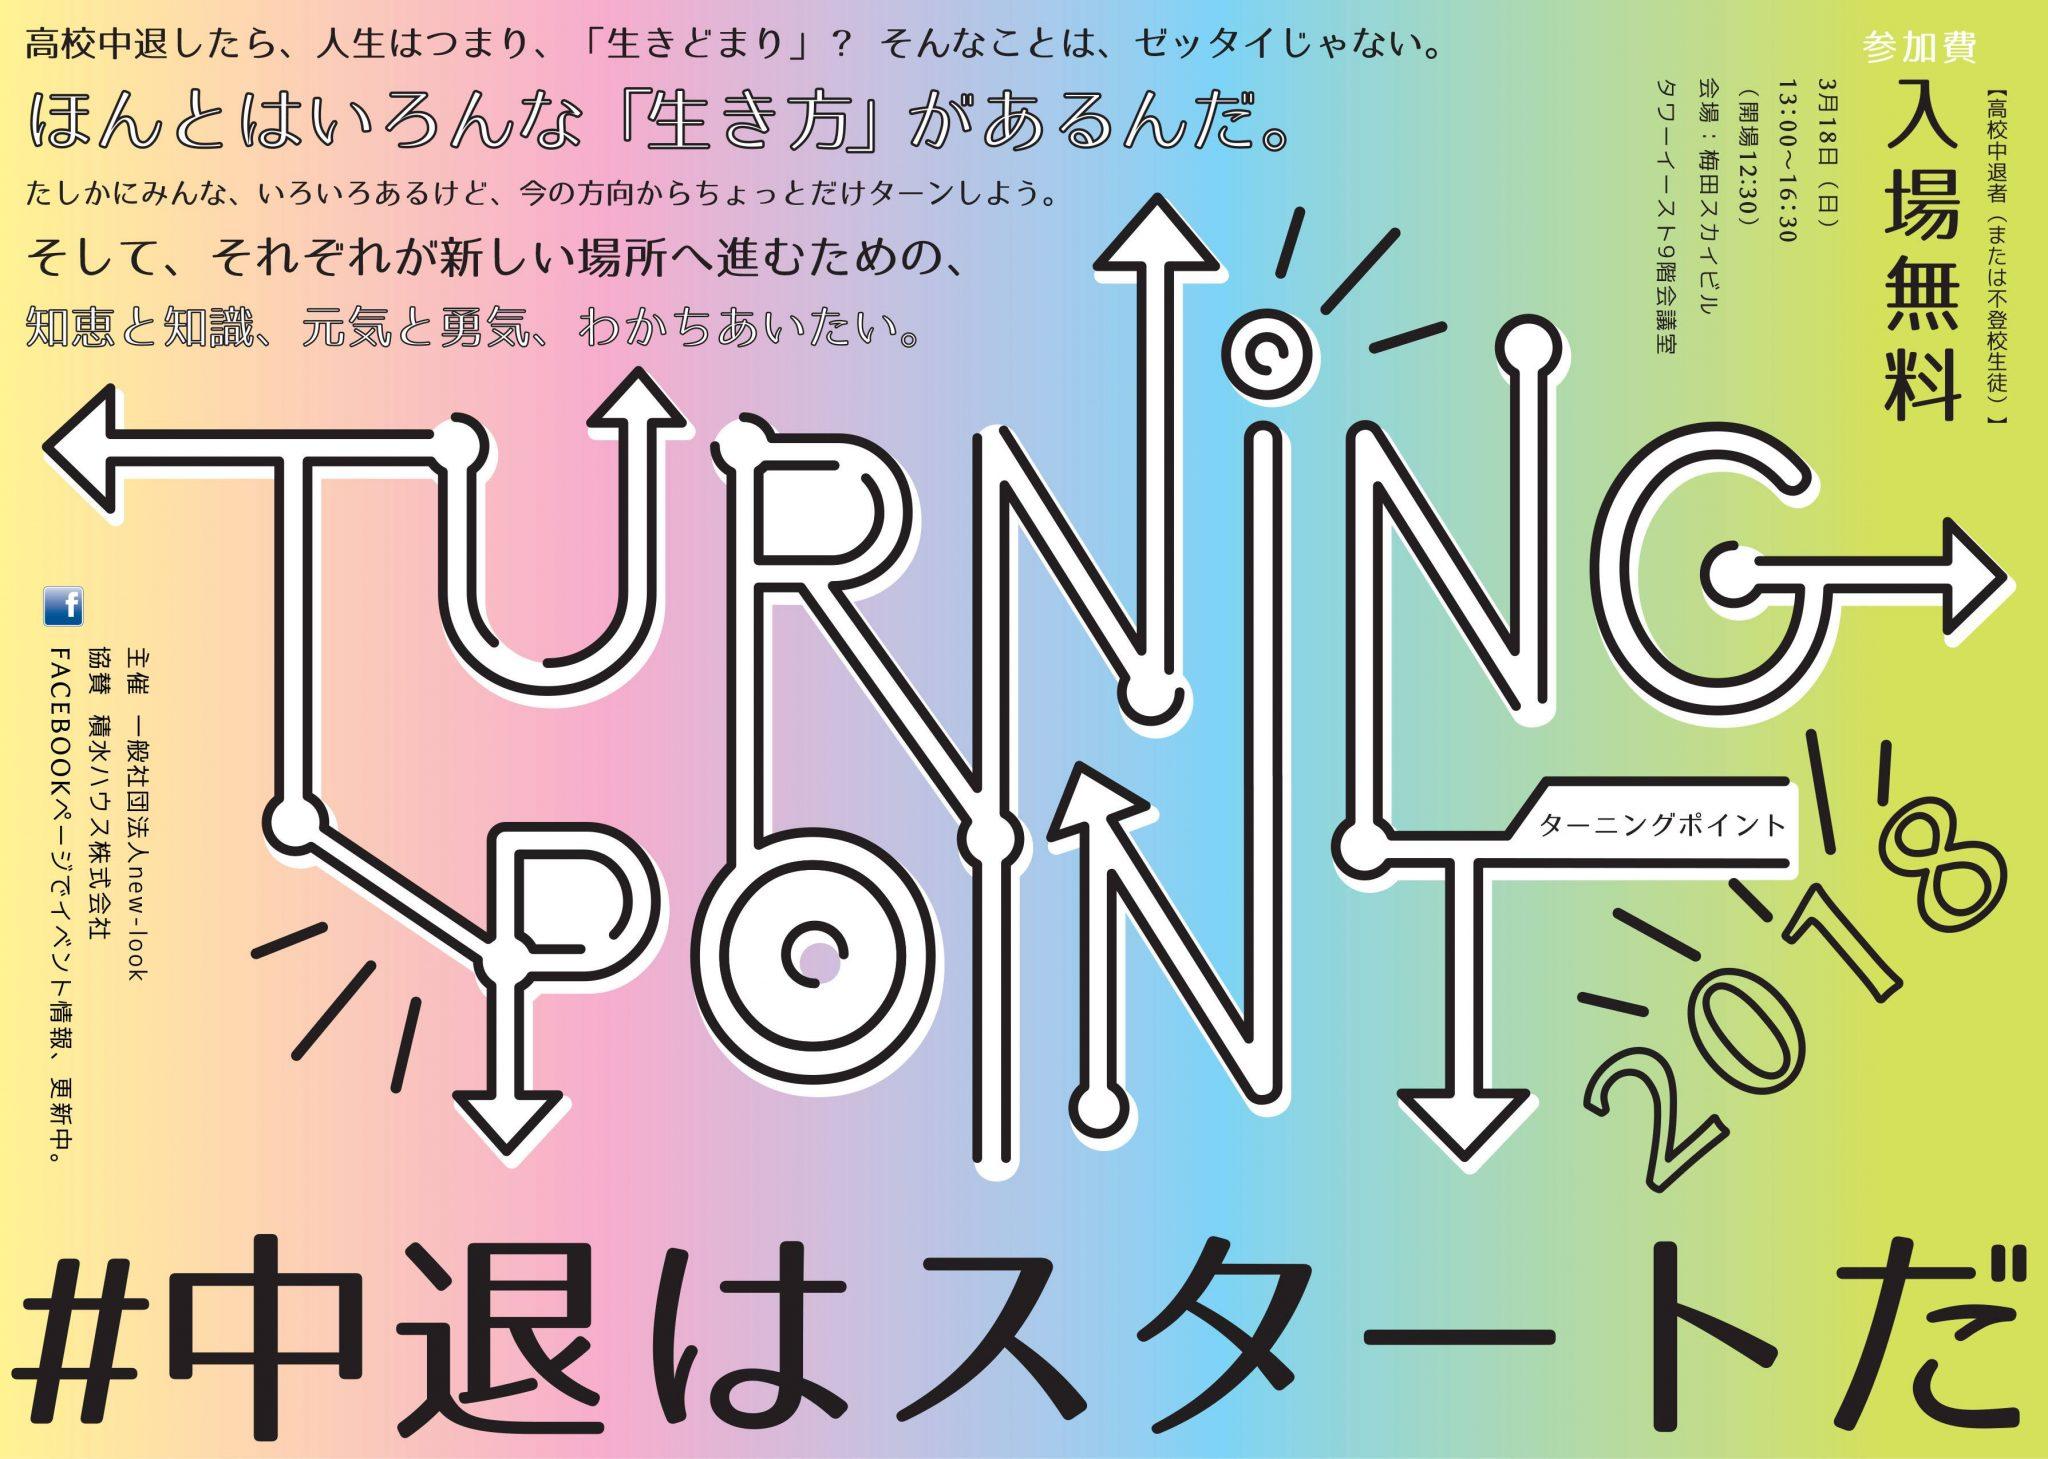 当事者と保護者で高校中退を見つめなおすイベント「turning point 2018」